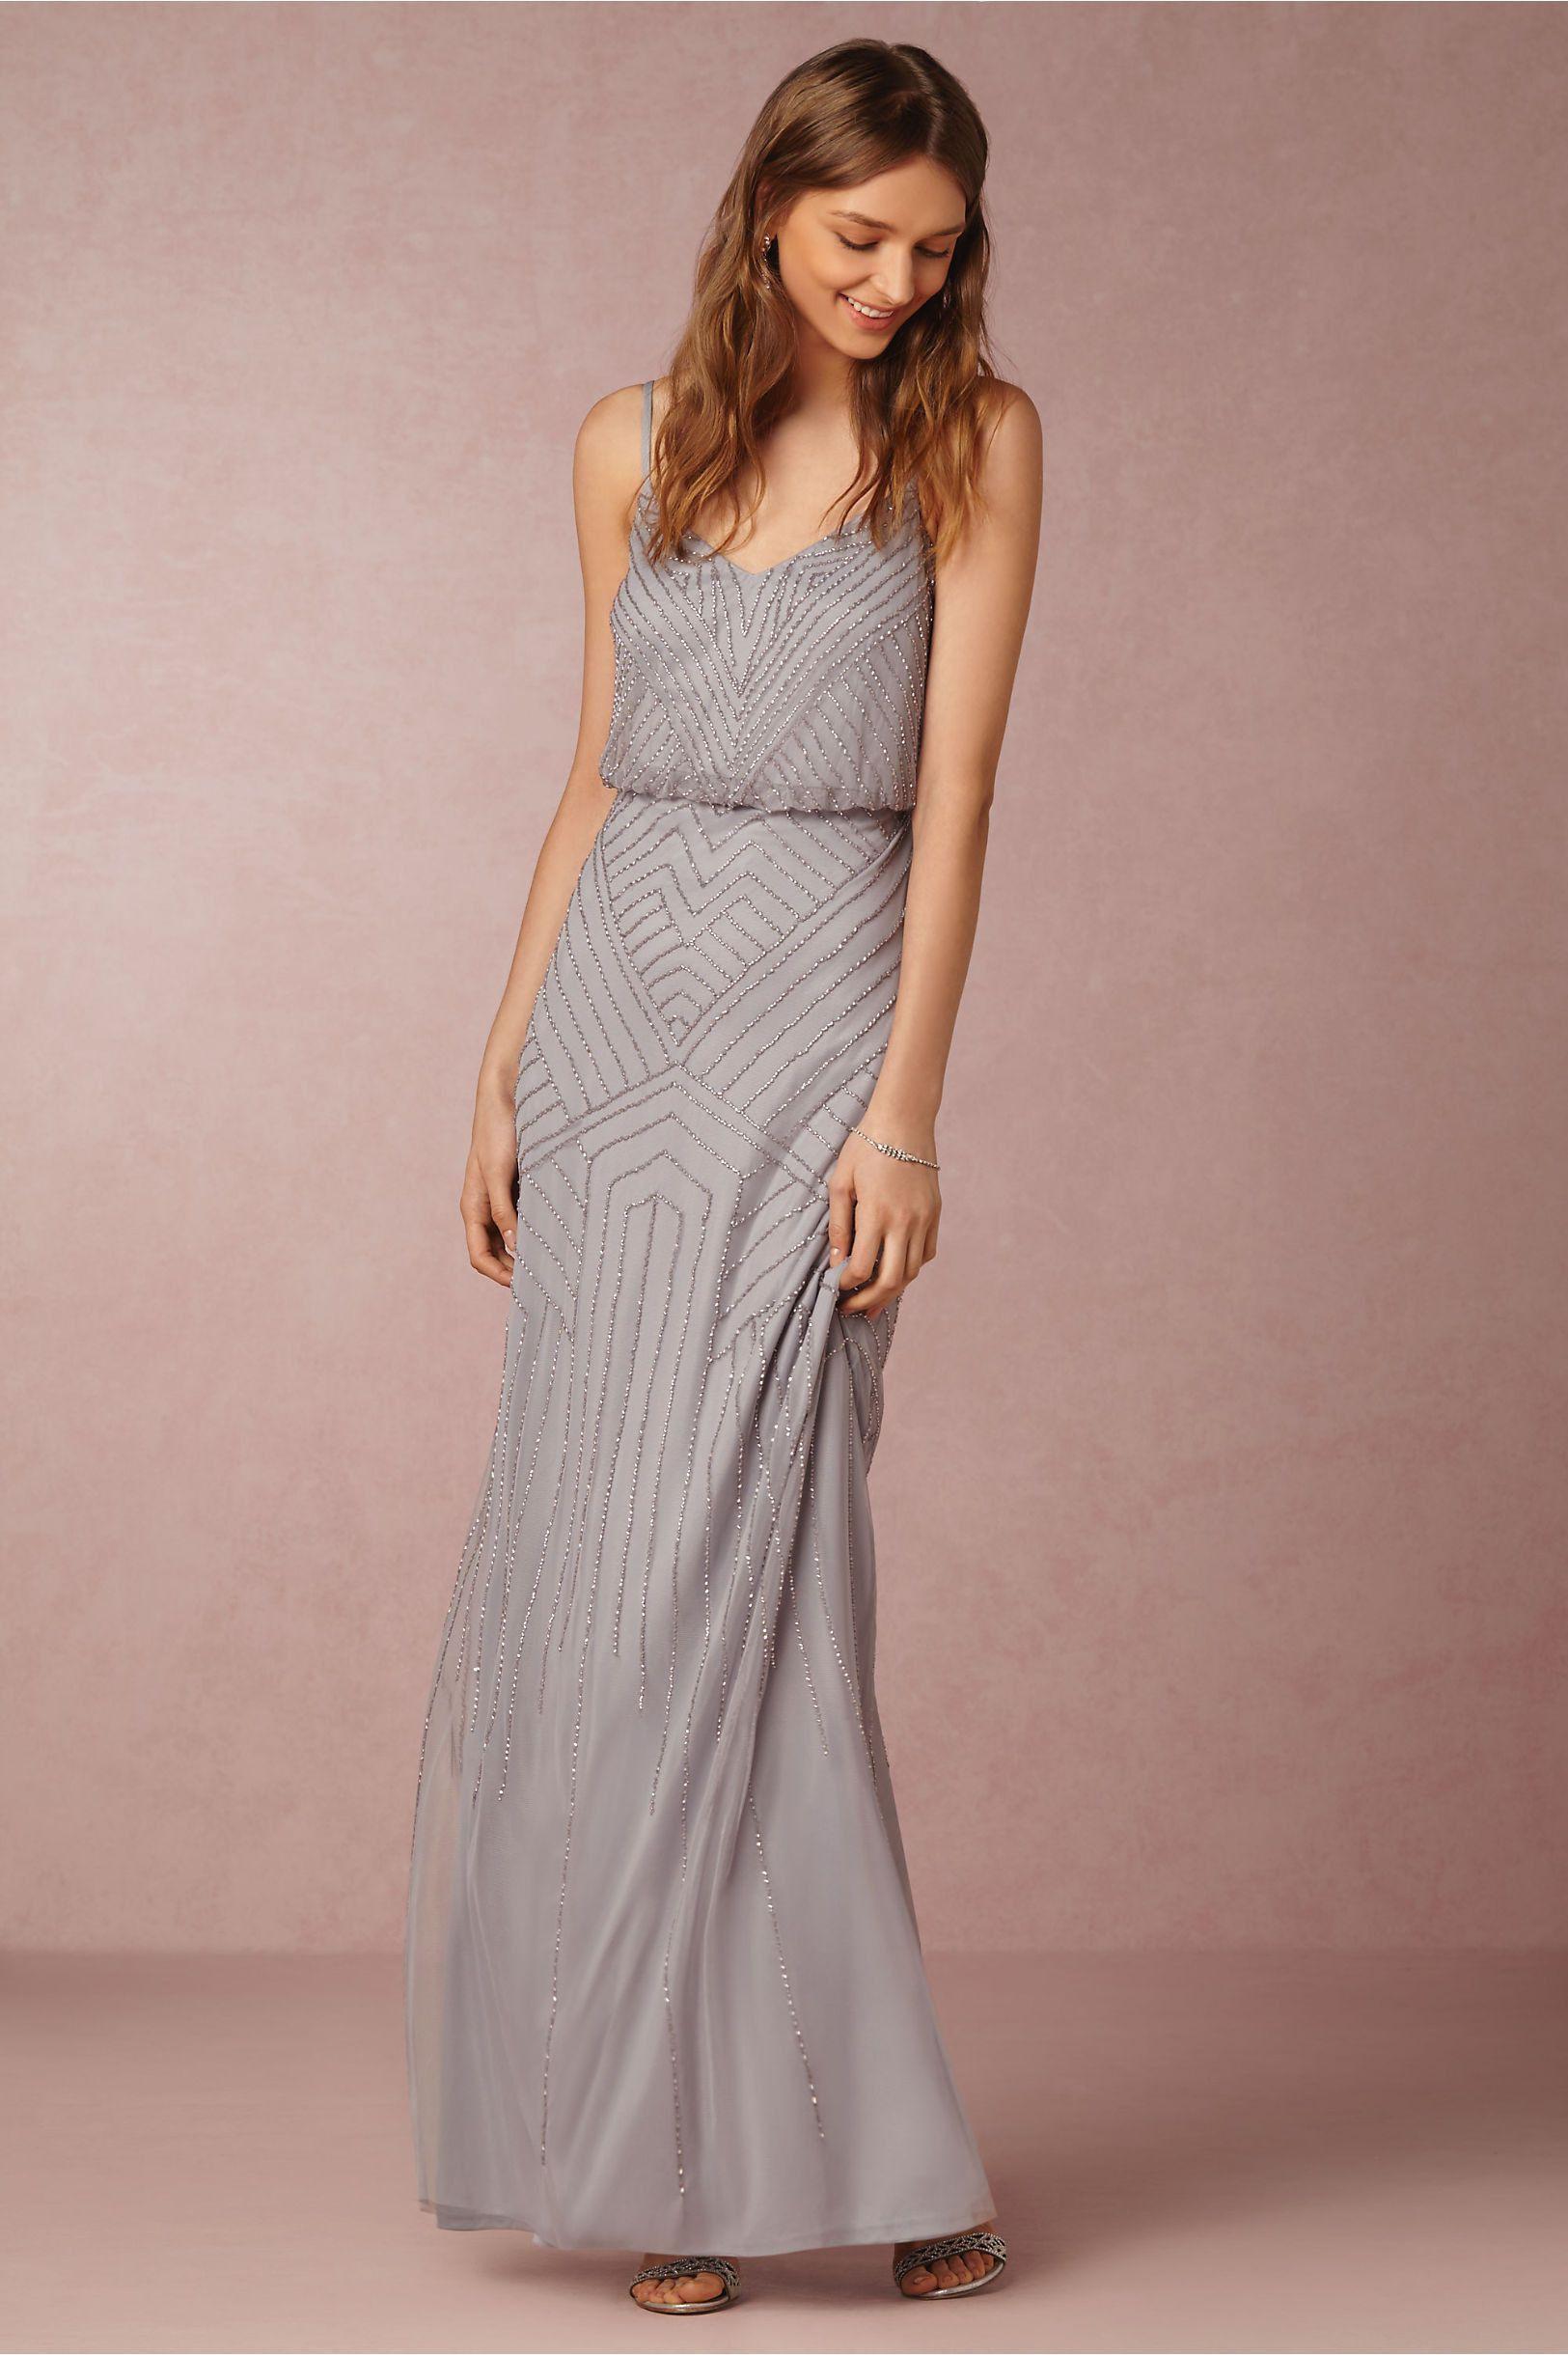 10 Luxurius Graue Kleider Für Hochzeit ÄrmelDesigner Genial Graue Kleider Für Hochzeit Ärmel